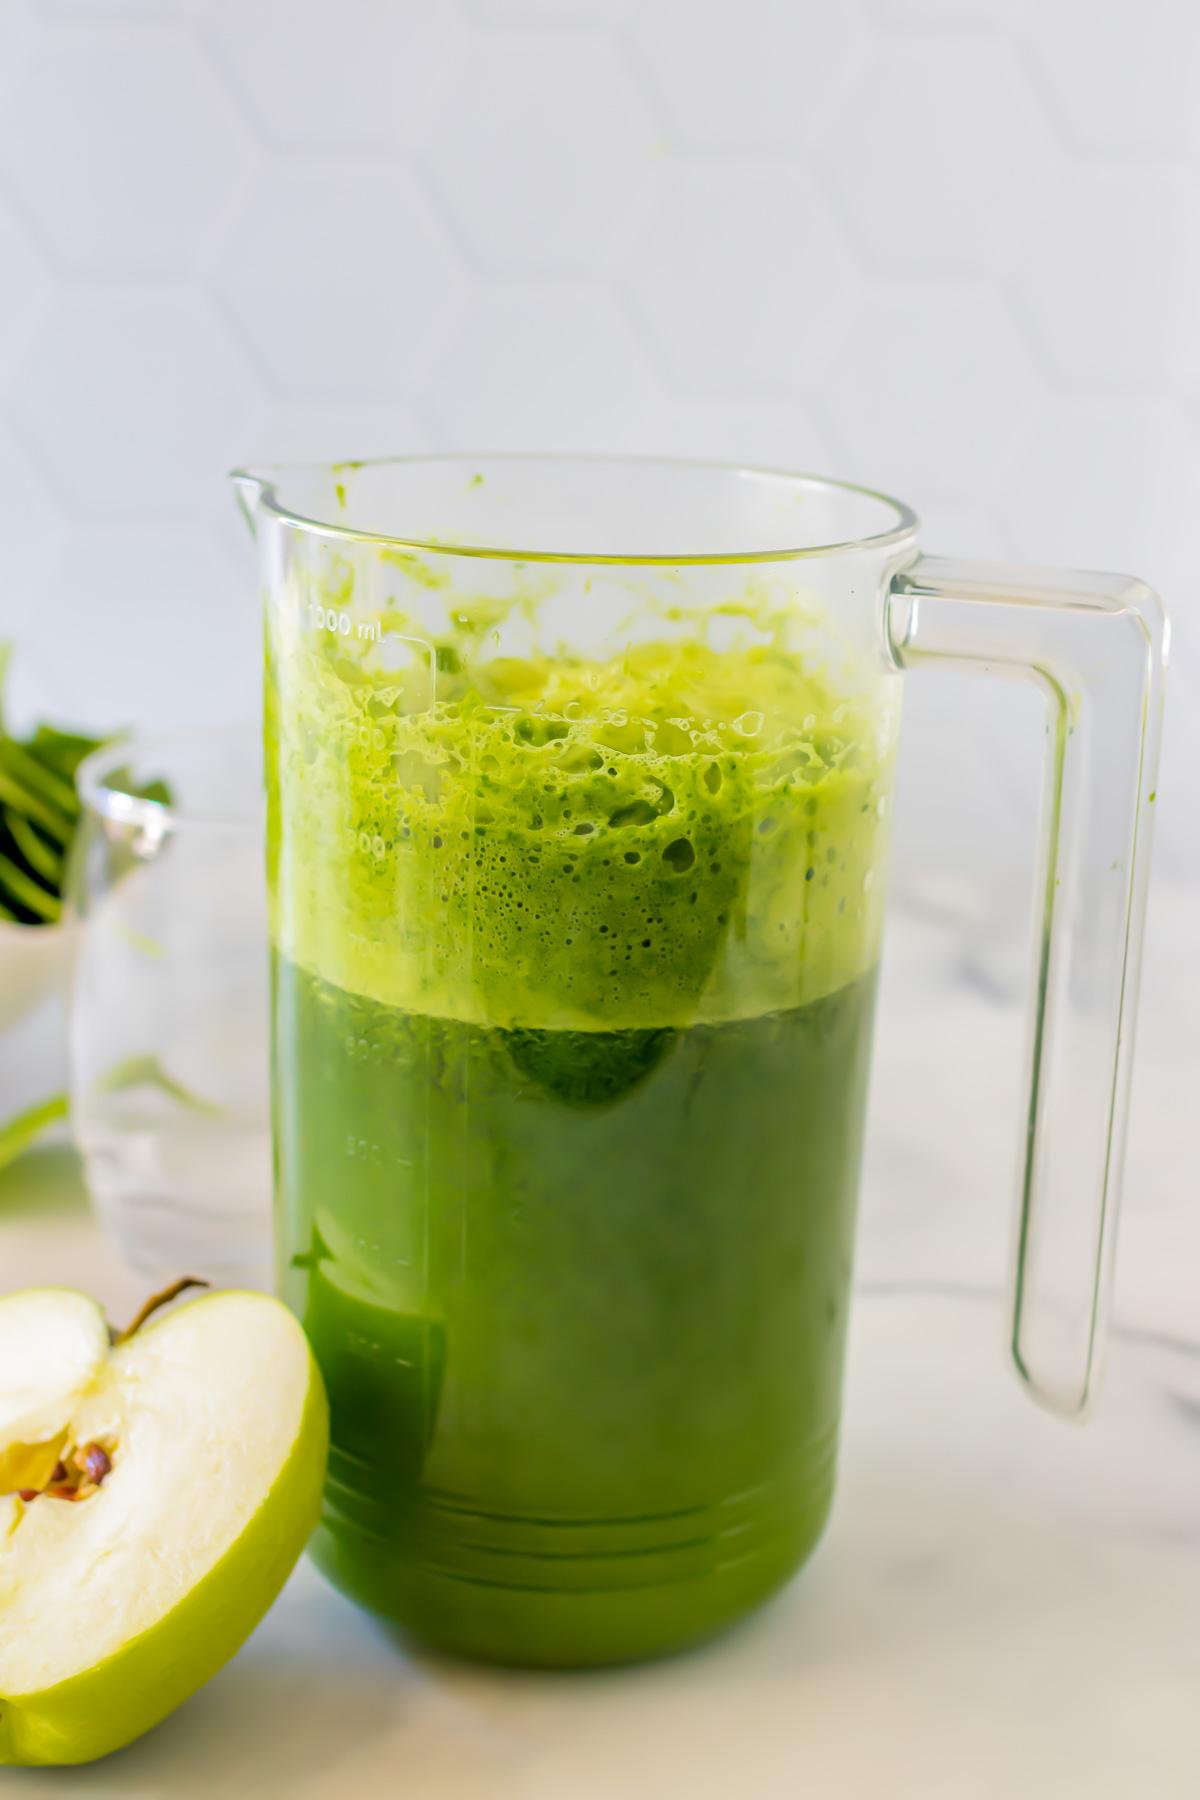 Green juice in a jug.